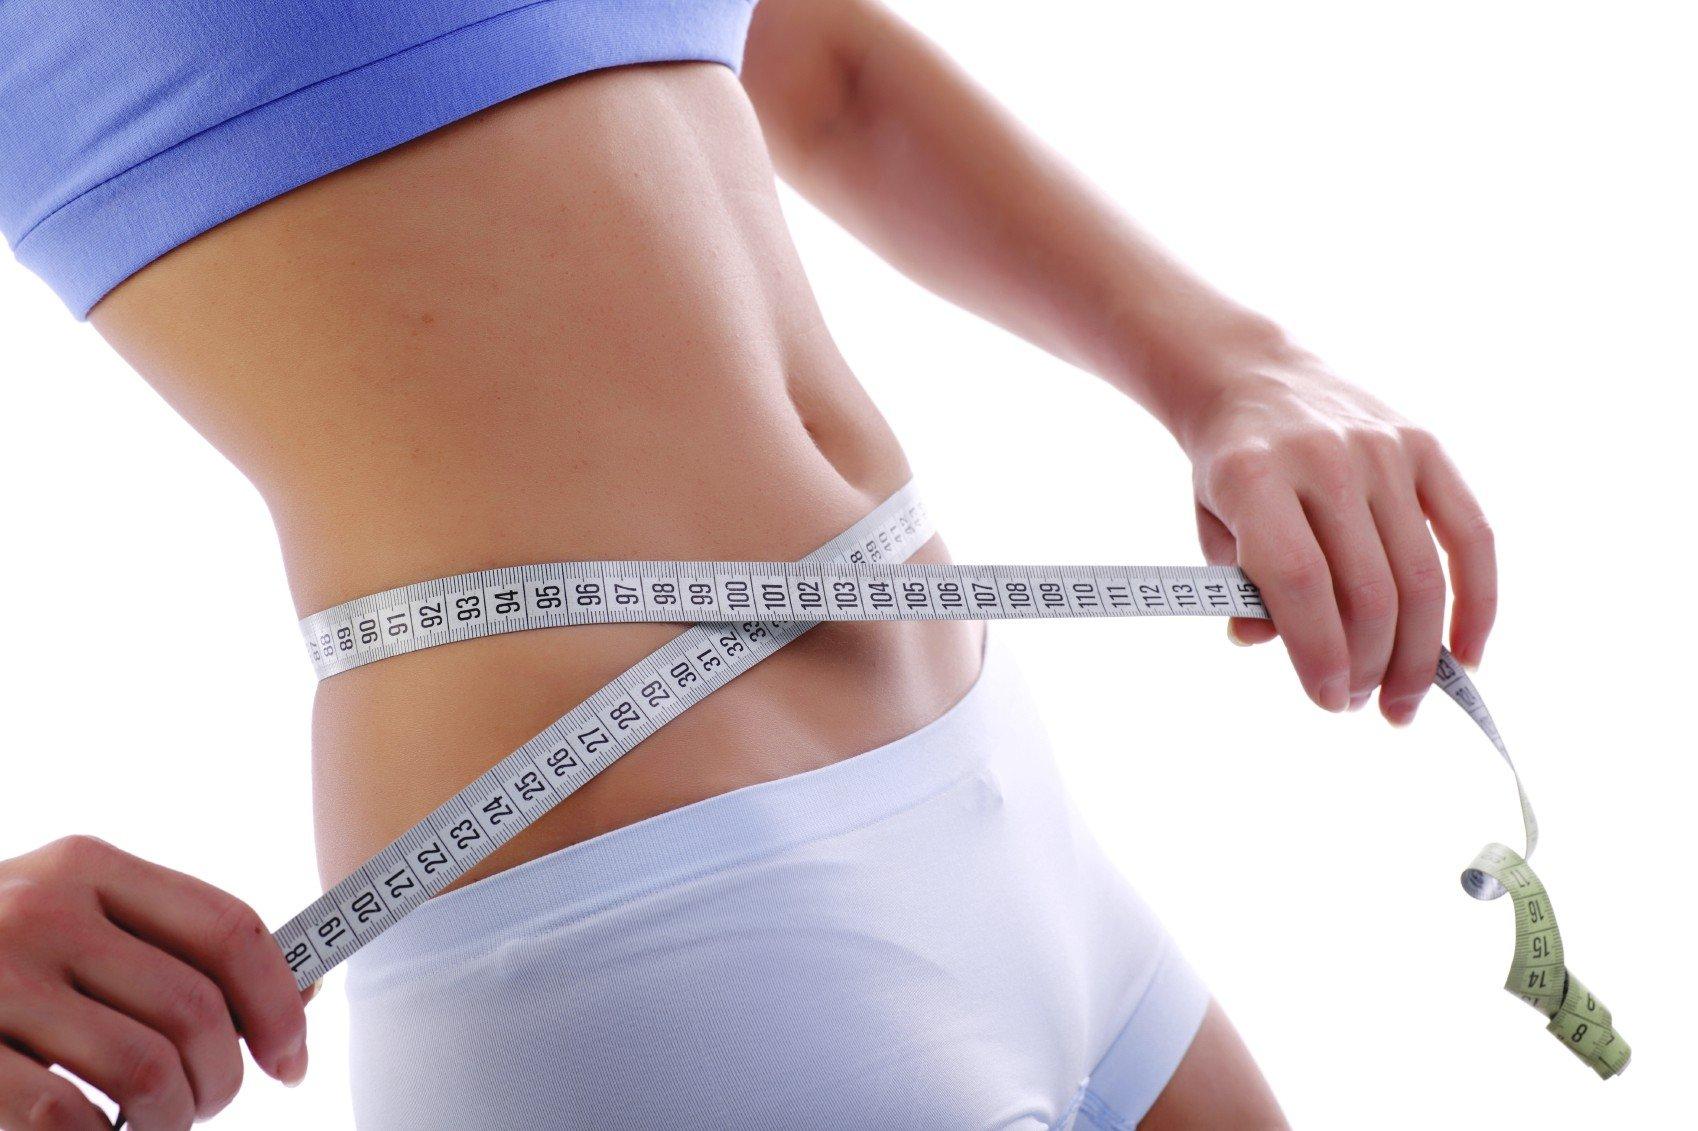 А надо ли худеть? Ожирение и... хотите похудеть?